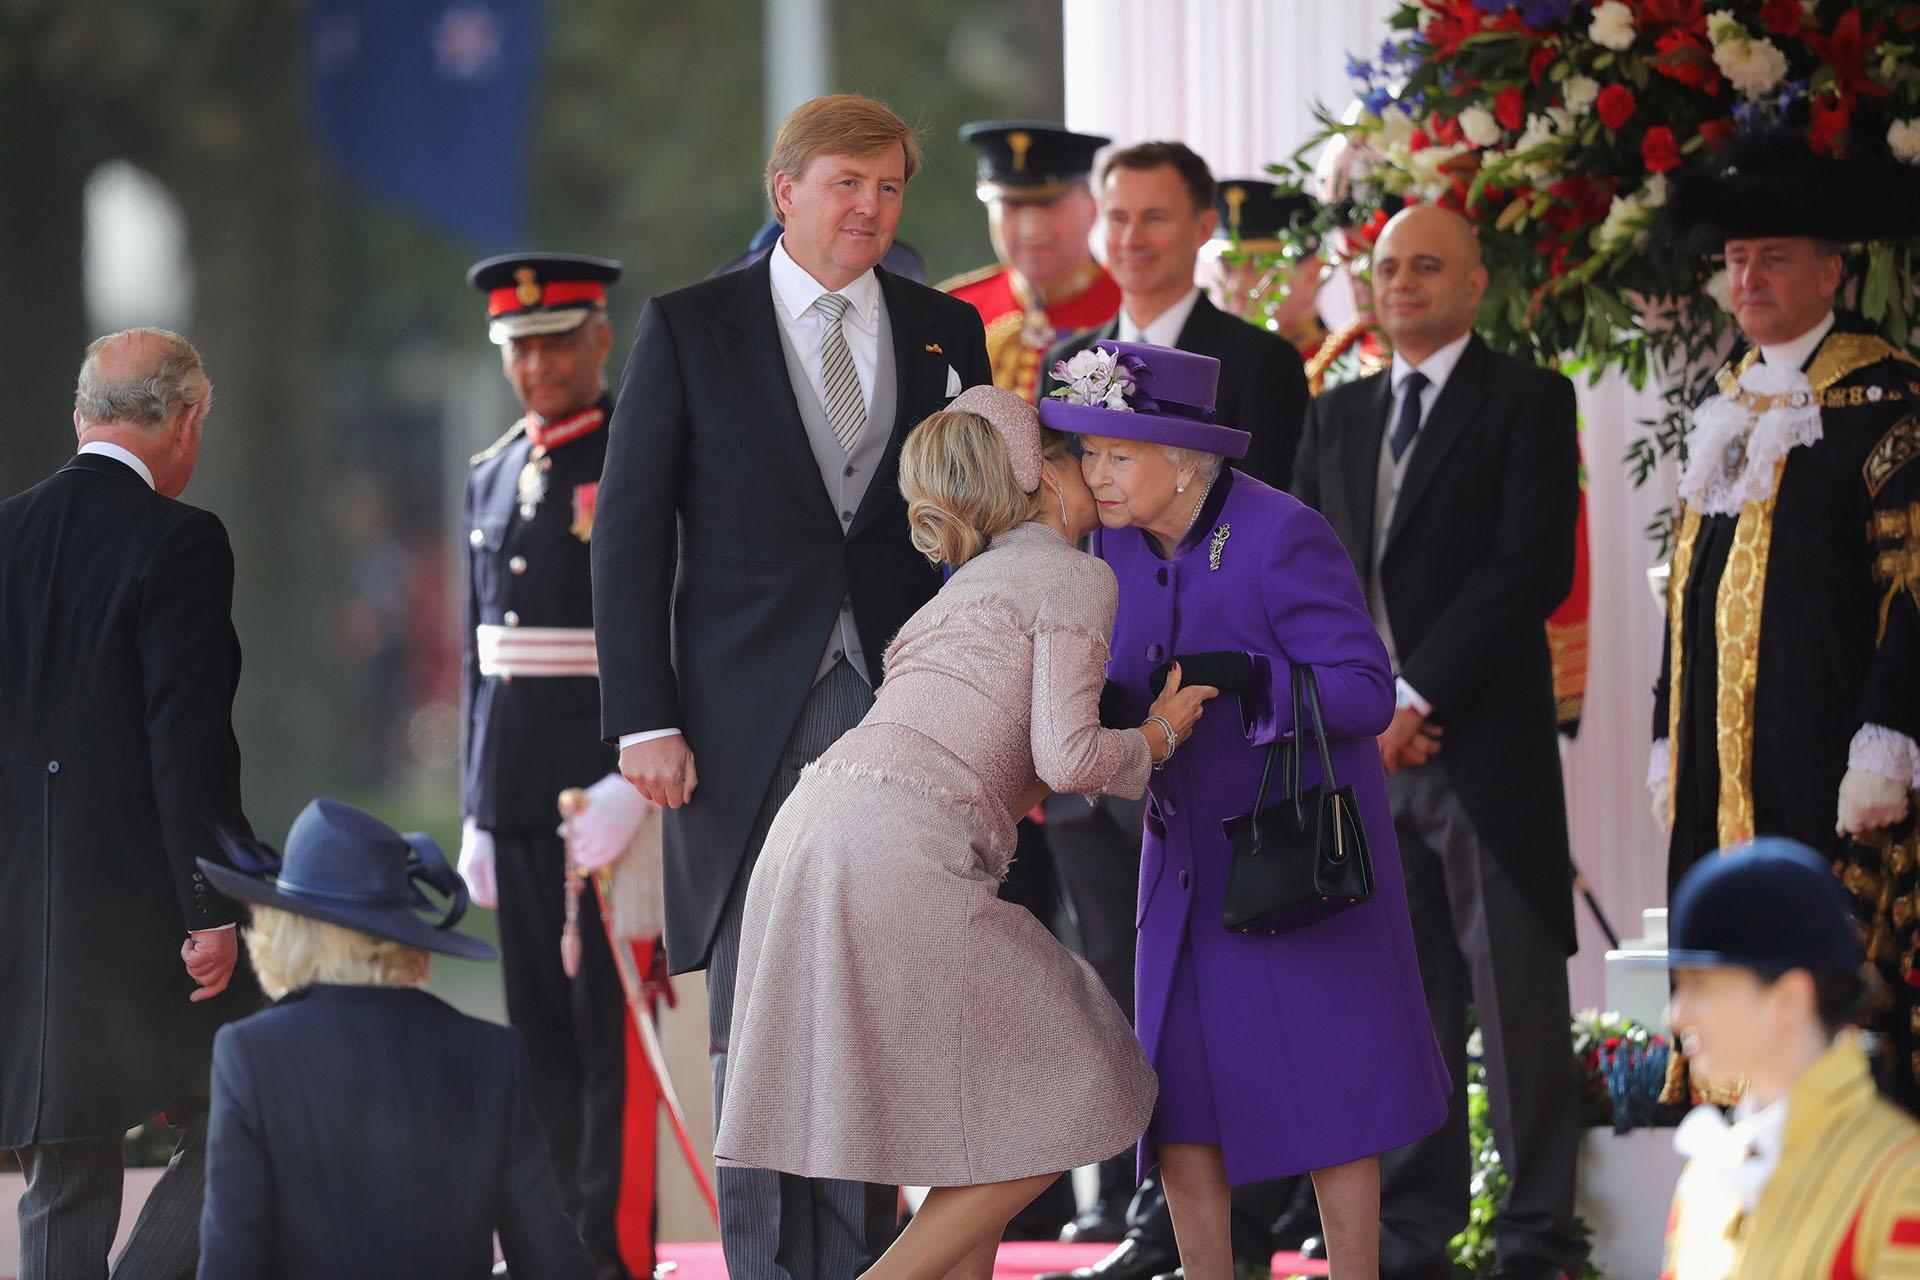 Los reyes de Holanda fueron recibidos por la reina Isabel en la sede de la guardia real, en Londres, con una gran ceremonia